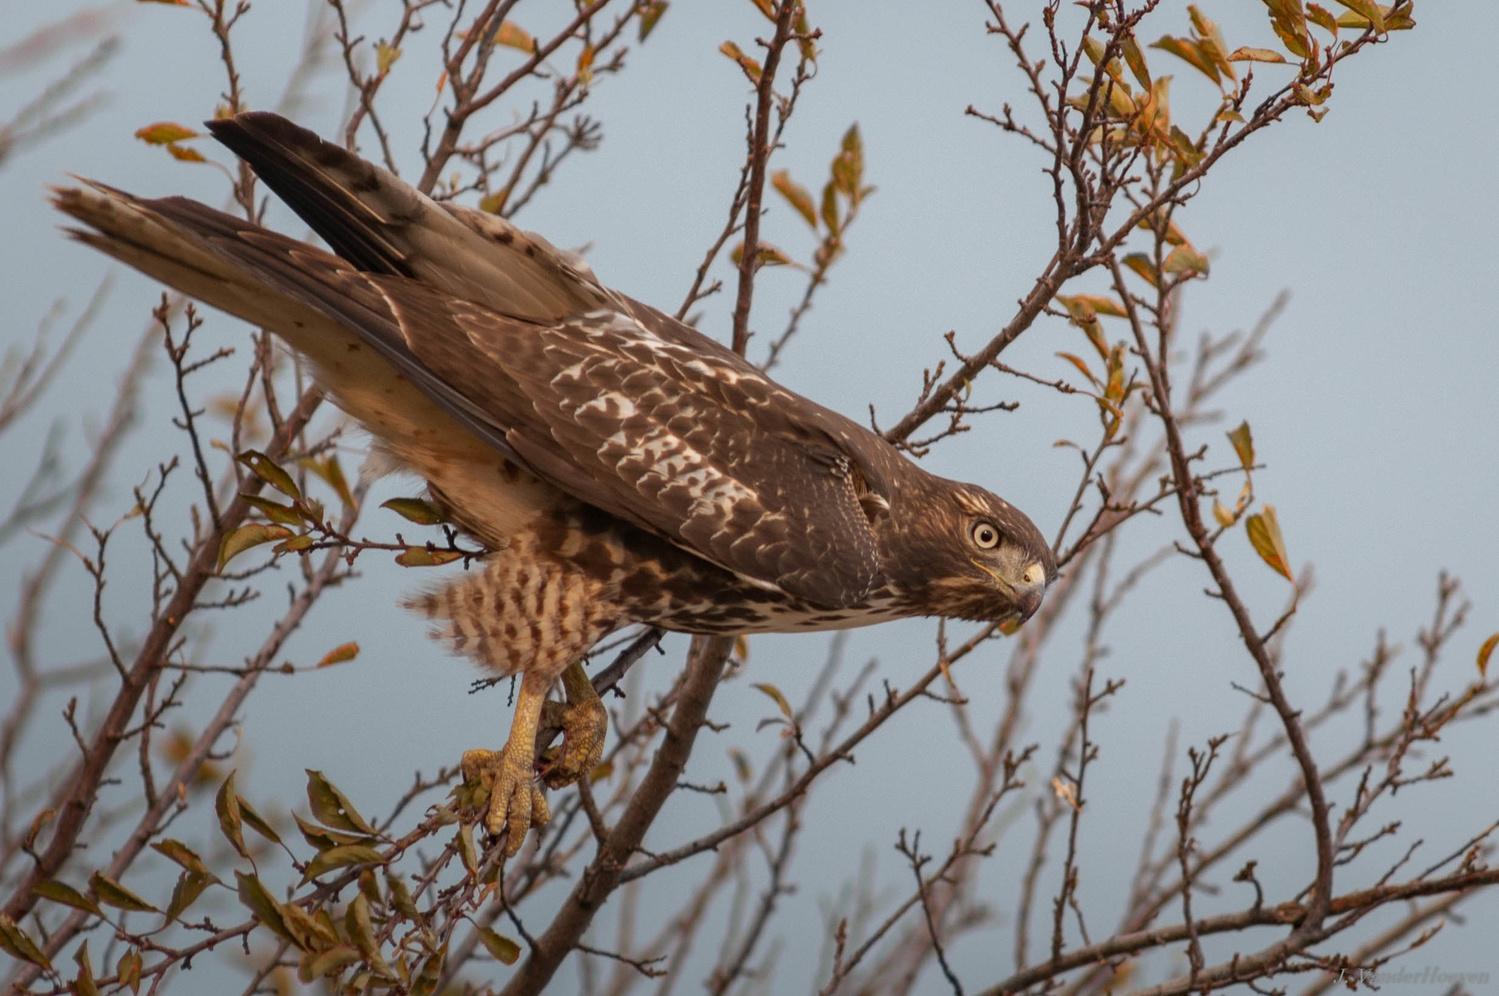 Redtail Hawk by Jake VanderHoeven